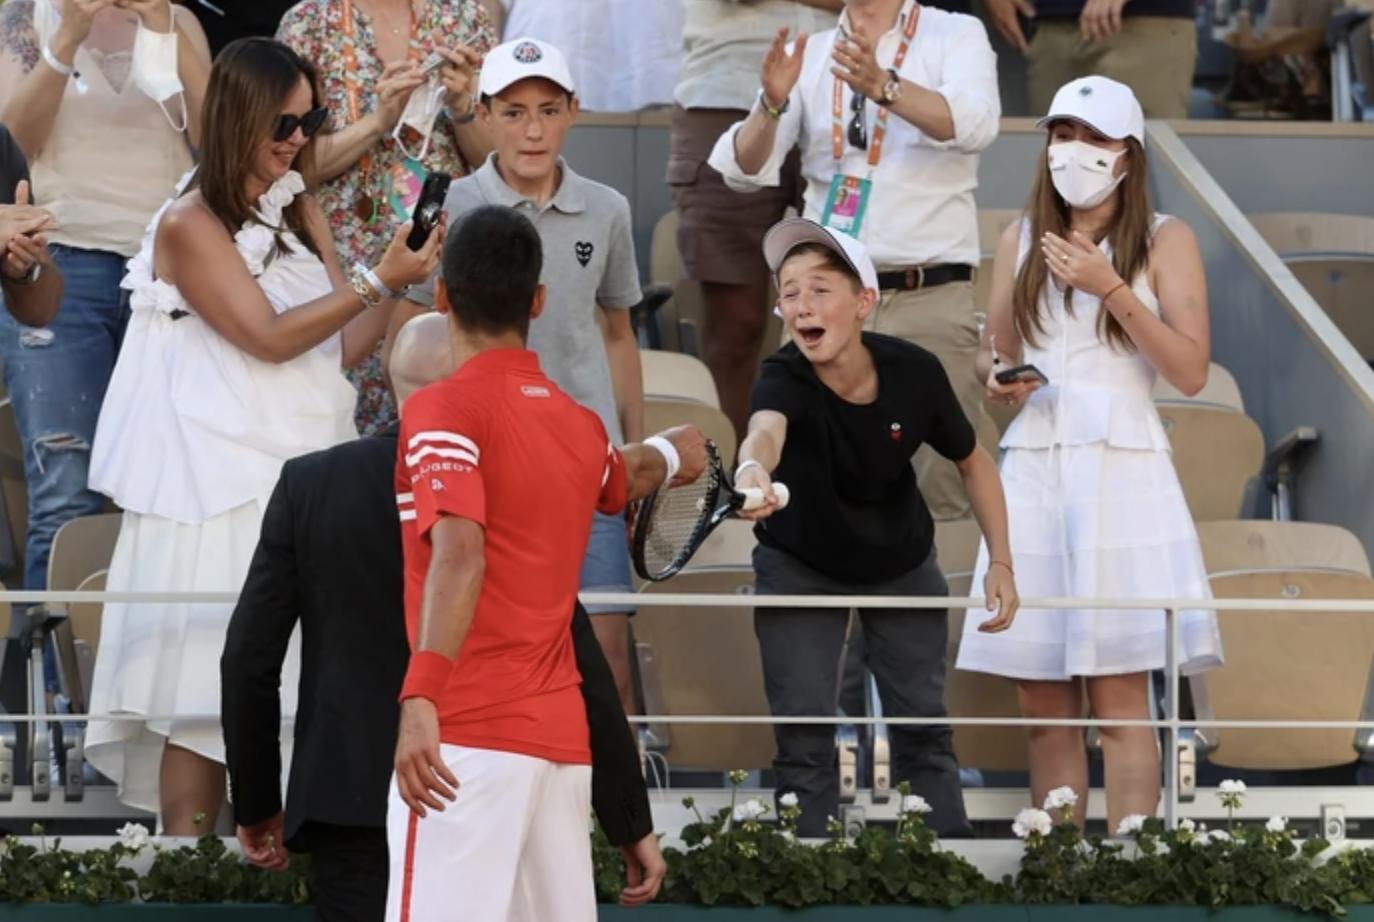 Τη ρακέτα του χάρισε σε οπαδό ο Djokovic μετά τη νίκη του στον ελληνοσερβικό τελικό του Roland Garros